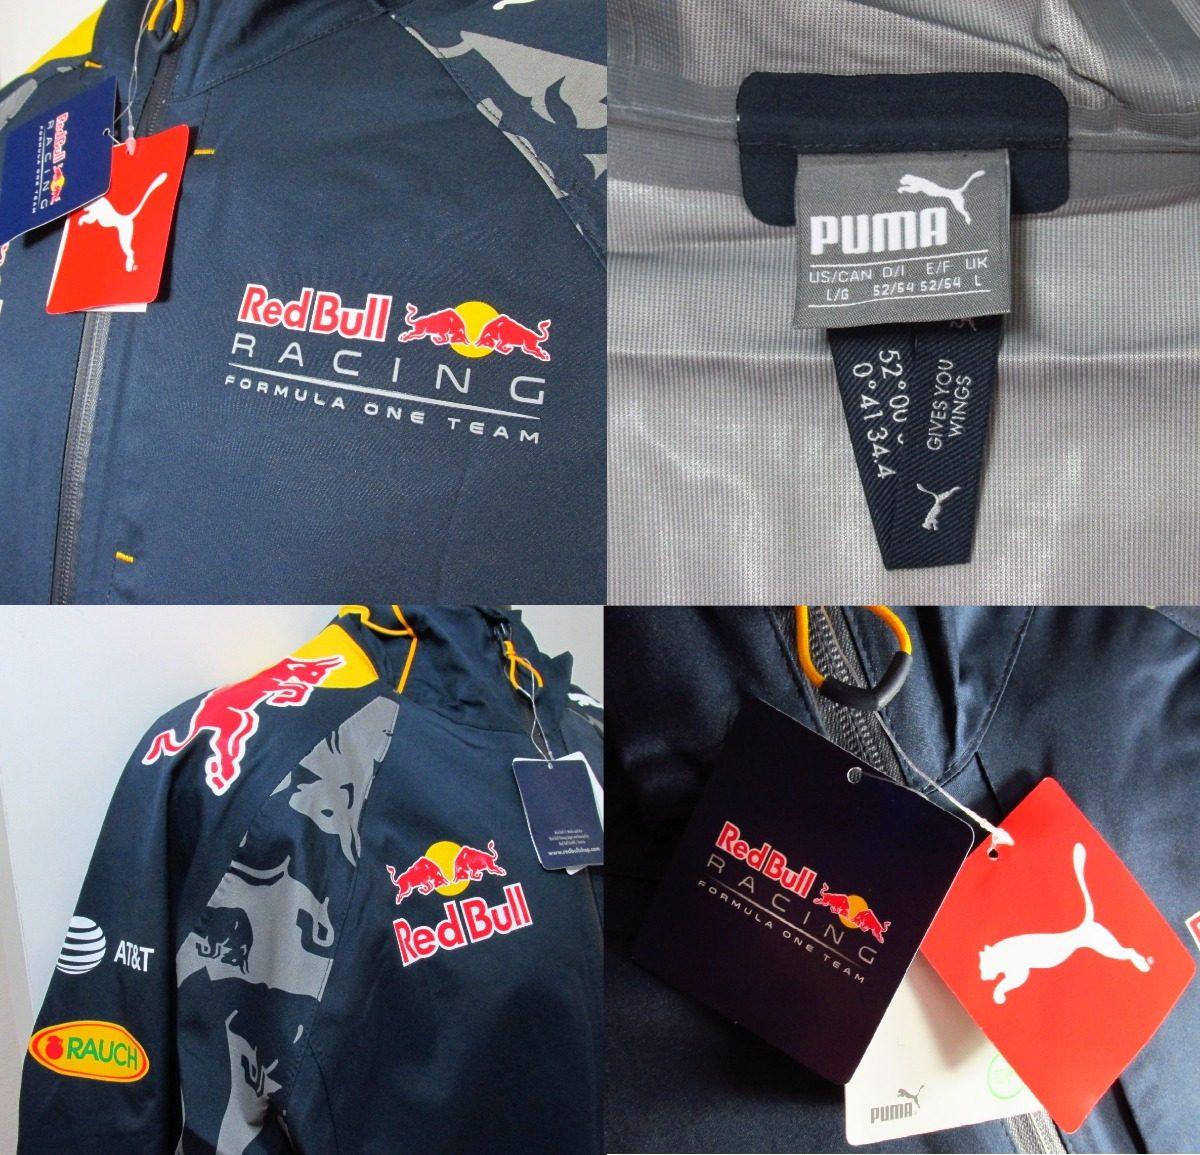 7845c28026951 jaqueta puma red bull racing 100% original produto europeu. Carregando zoom.